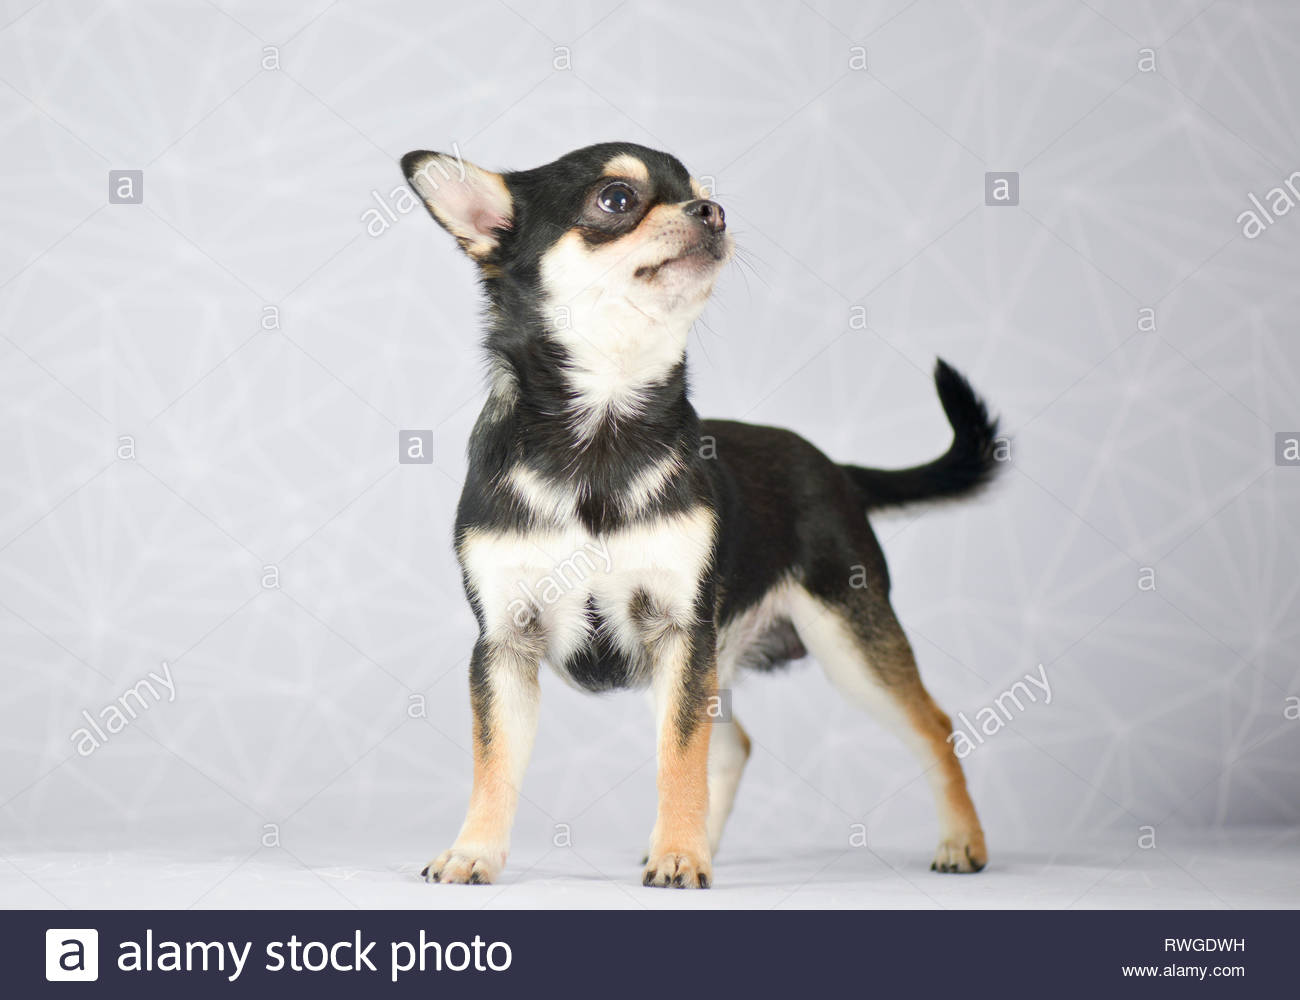 Chihuahua. Macho adulto (de pelo corto, tricolor) en pie. Studio picture contra un fondo gris, Alemania Imagen De Stock